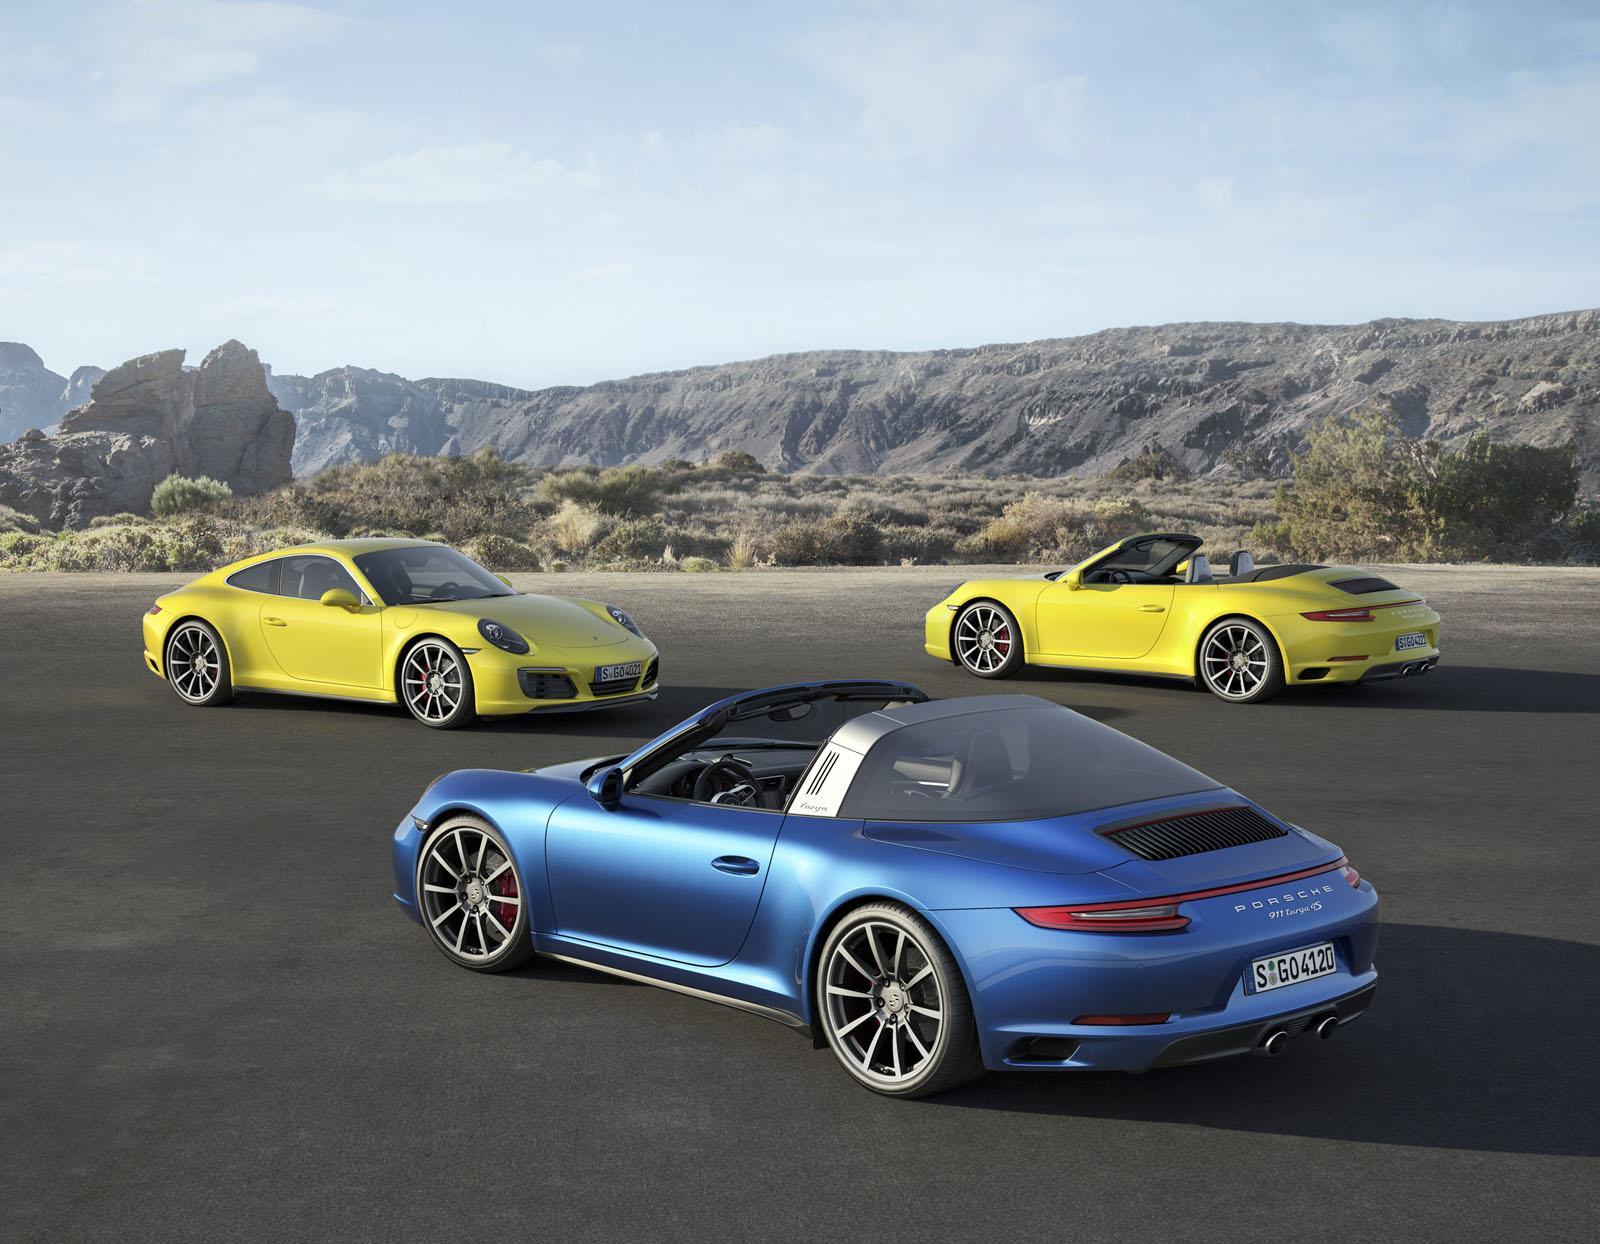 Porsche-911-Carrera-Targa-4